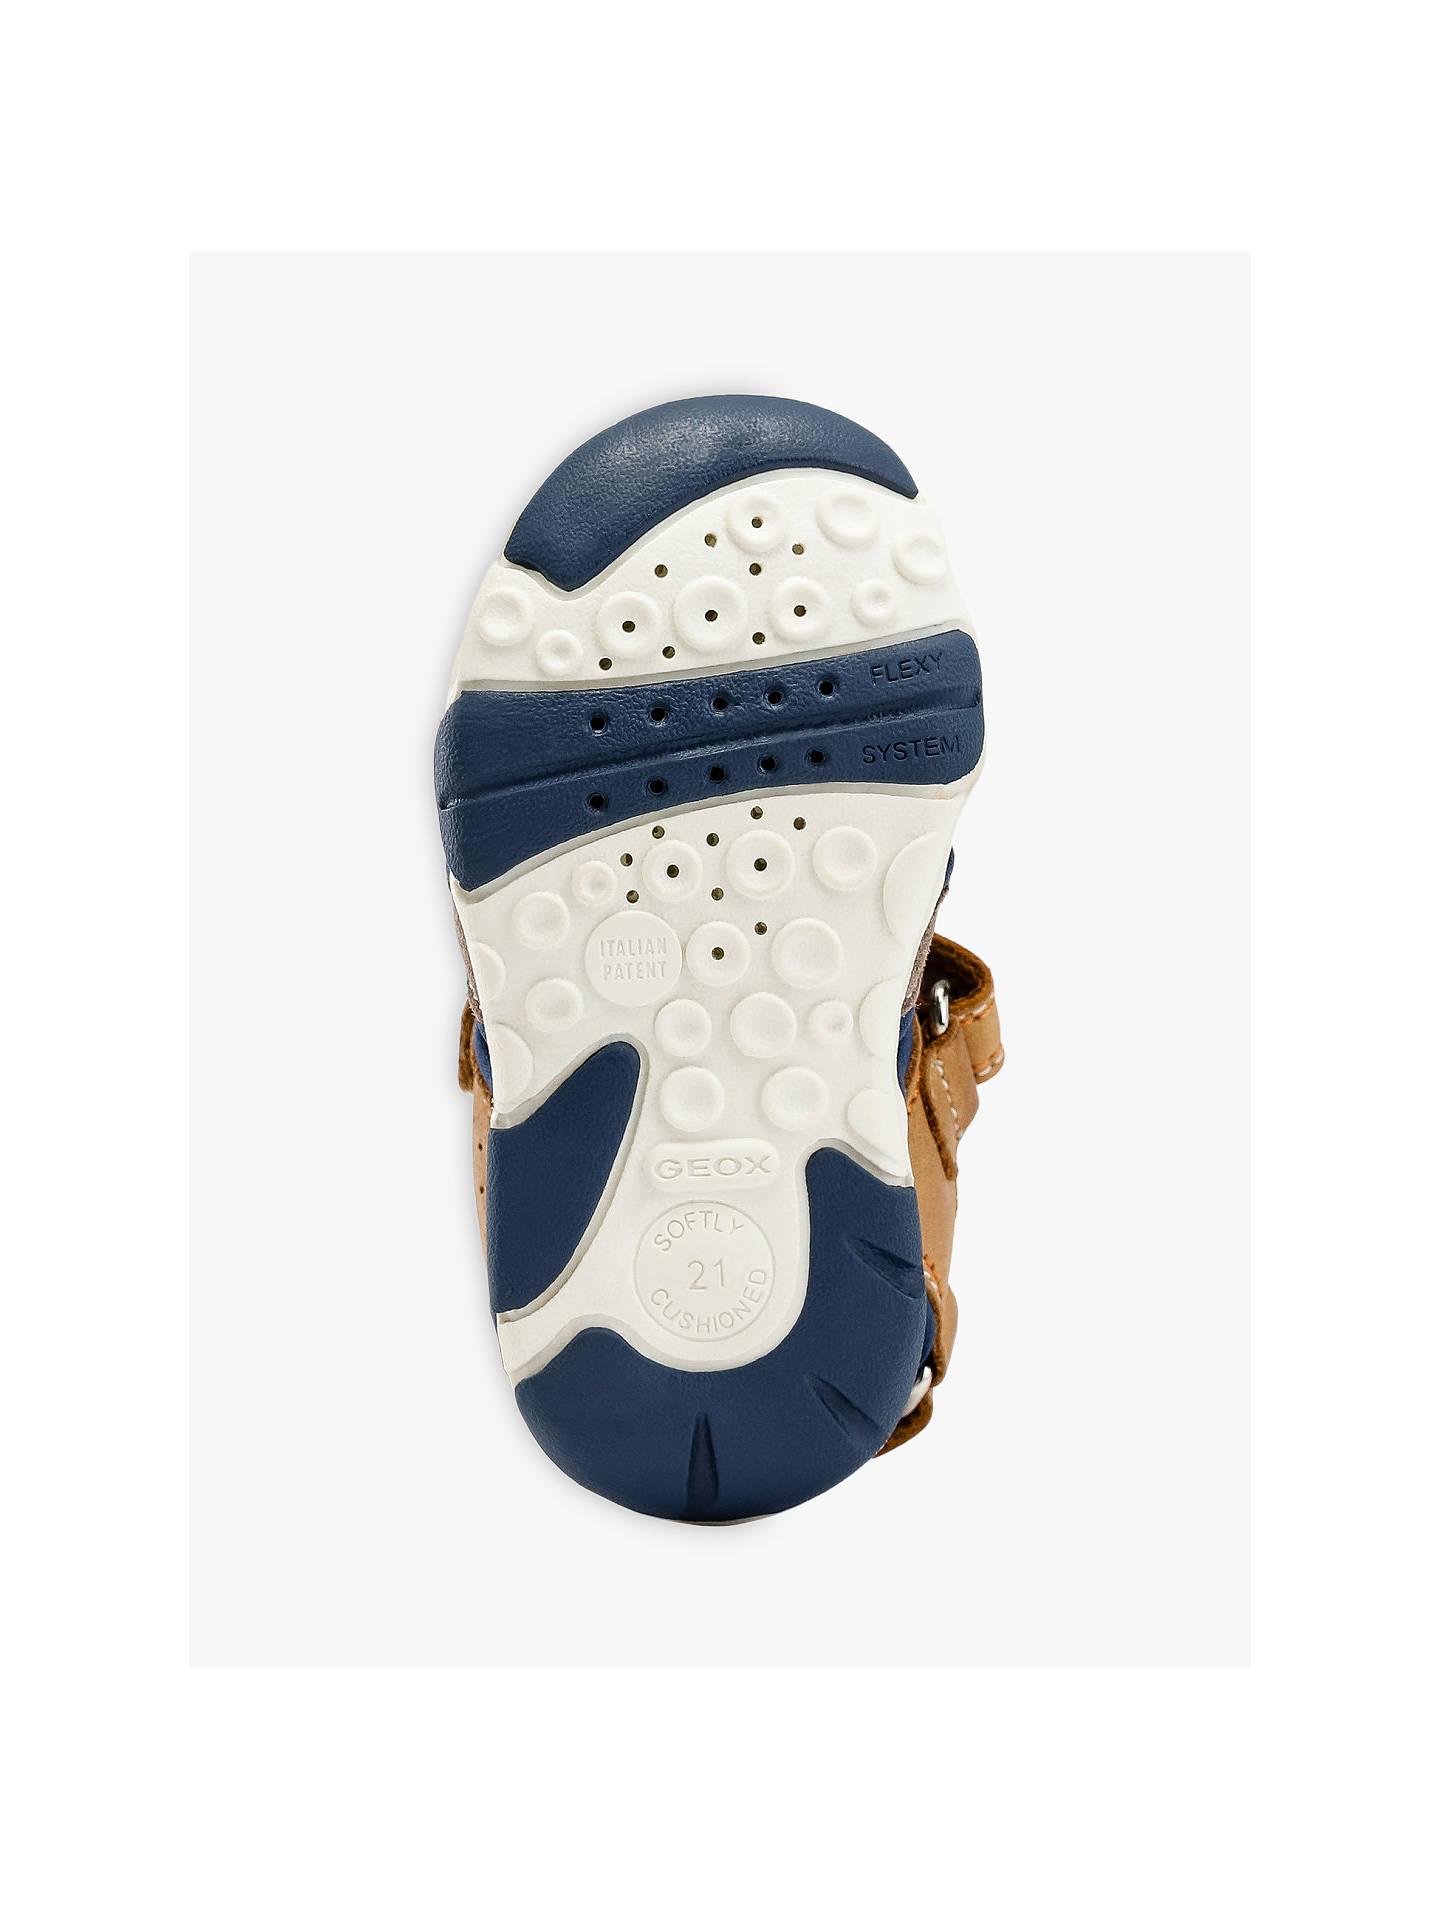 Sonderteil Einkaufen professionelles Design Geox Children's San Agasim Sandals, Caramel/Navy at John ...